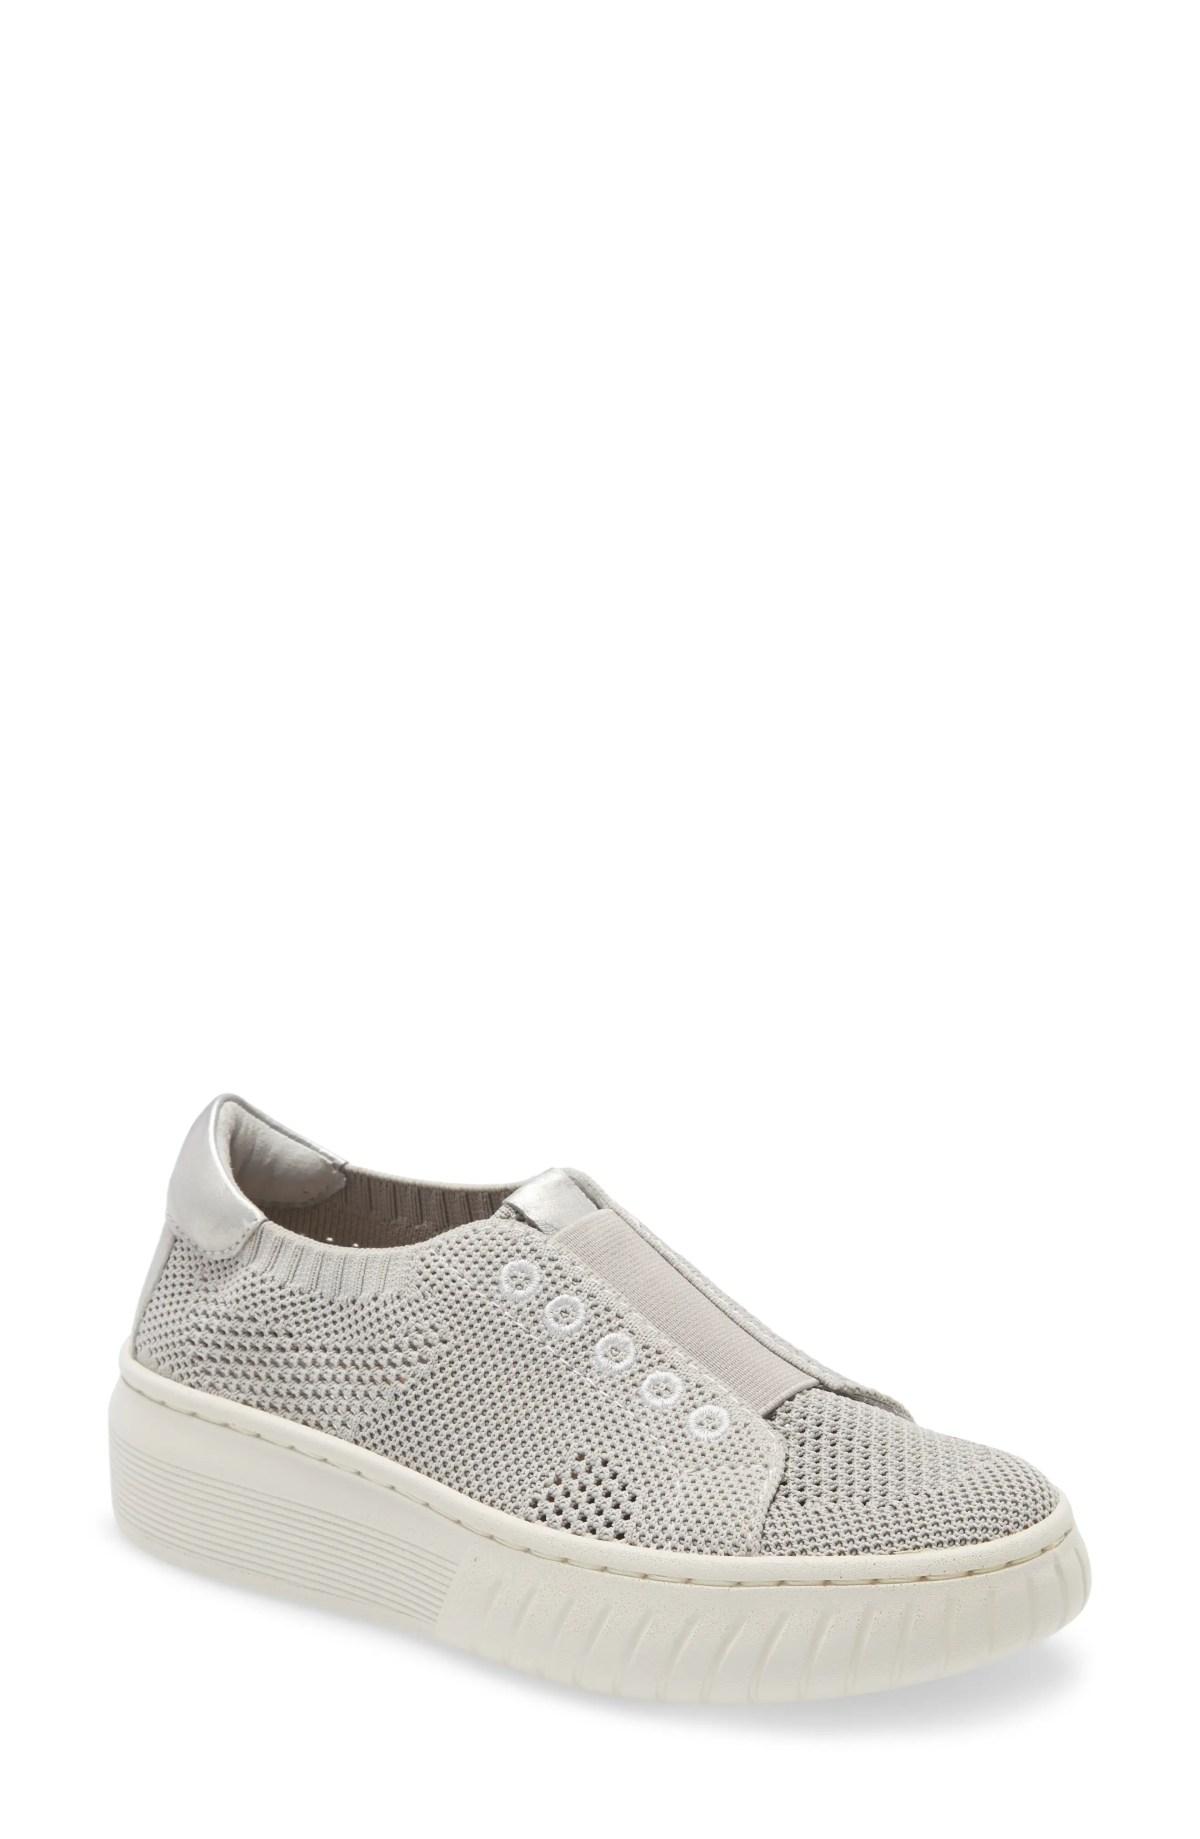 SÖFFT Payton Knit Platform Slip-On Sneaker, Main, color, LIGHT GREY KNIT FABRIC